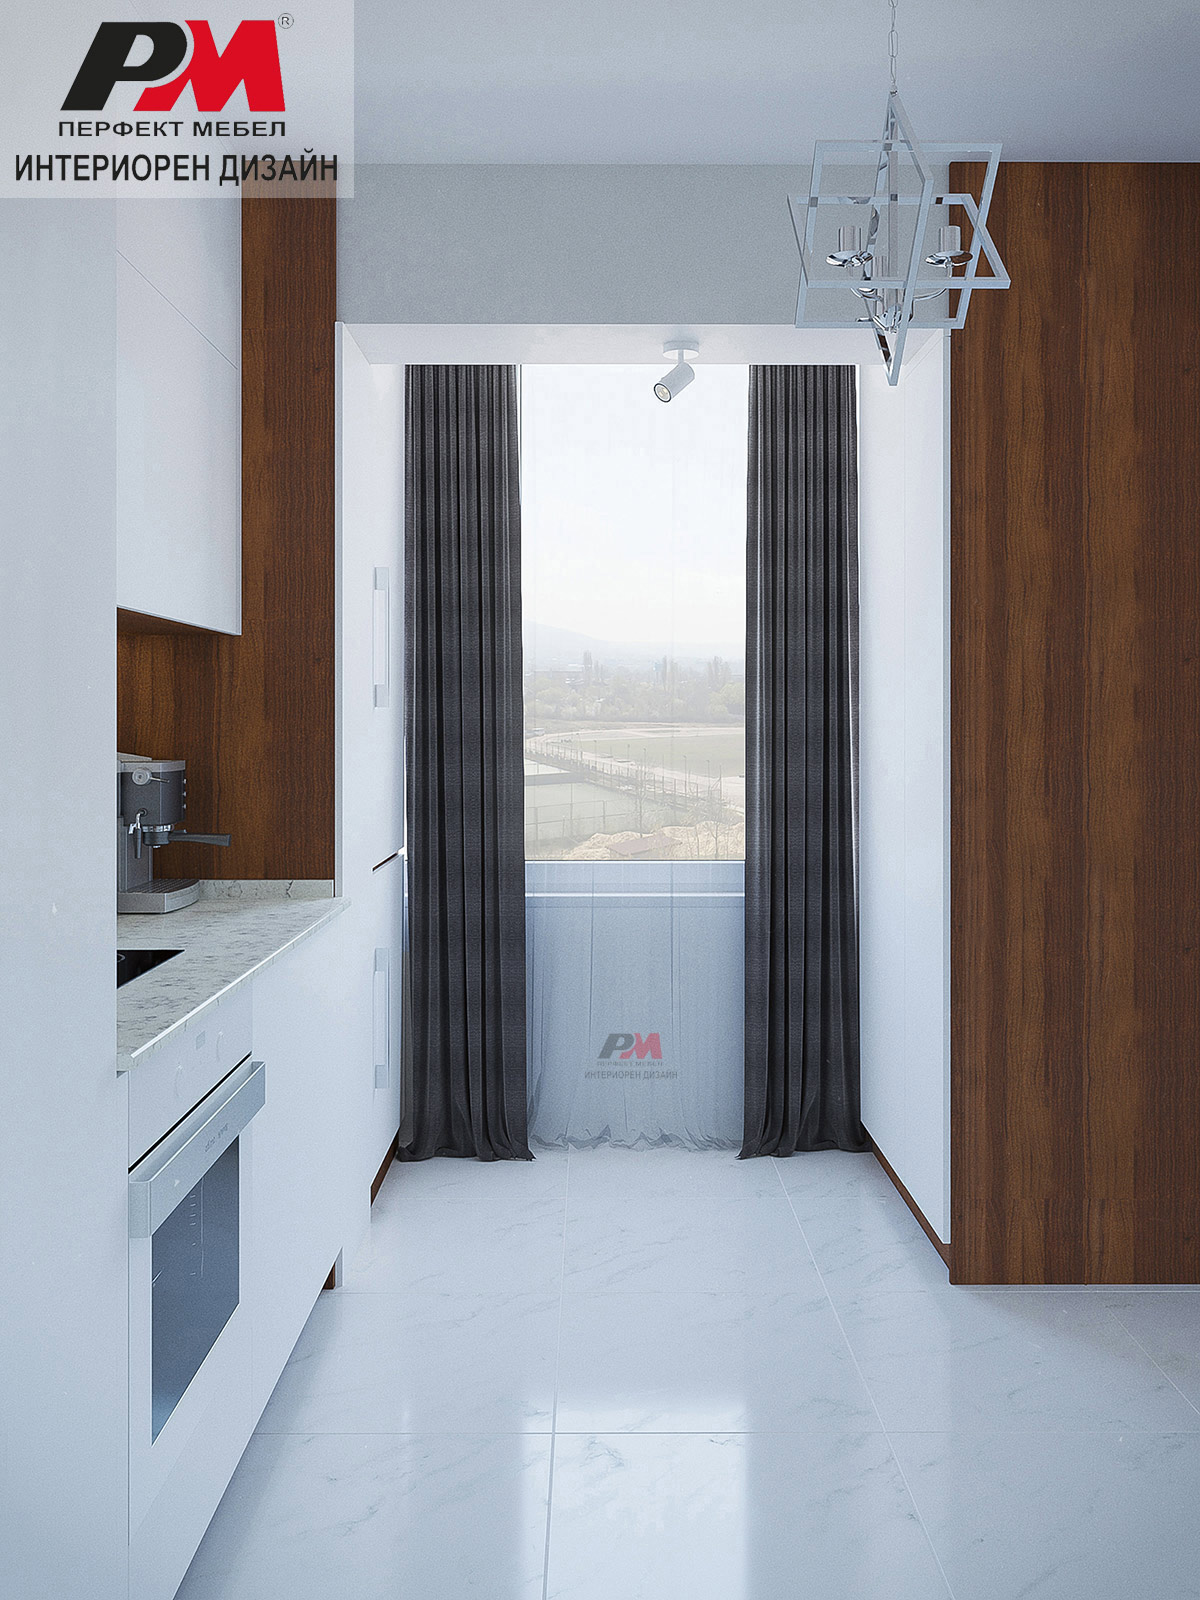 Интериорен дизайн на кухня в модерен стил.